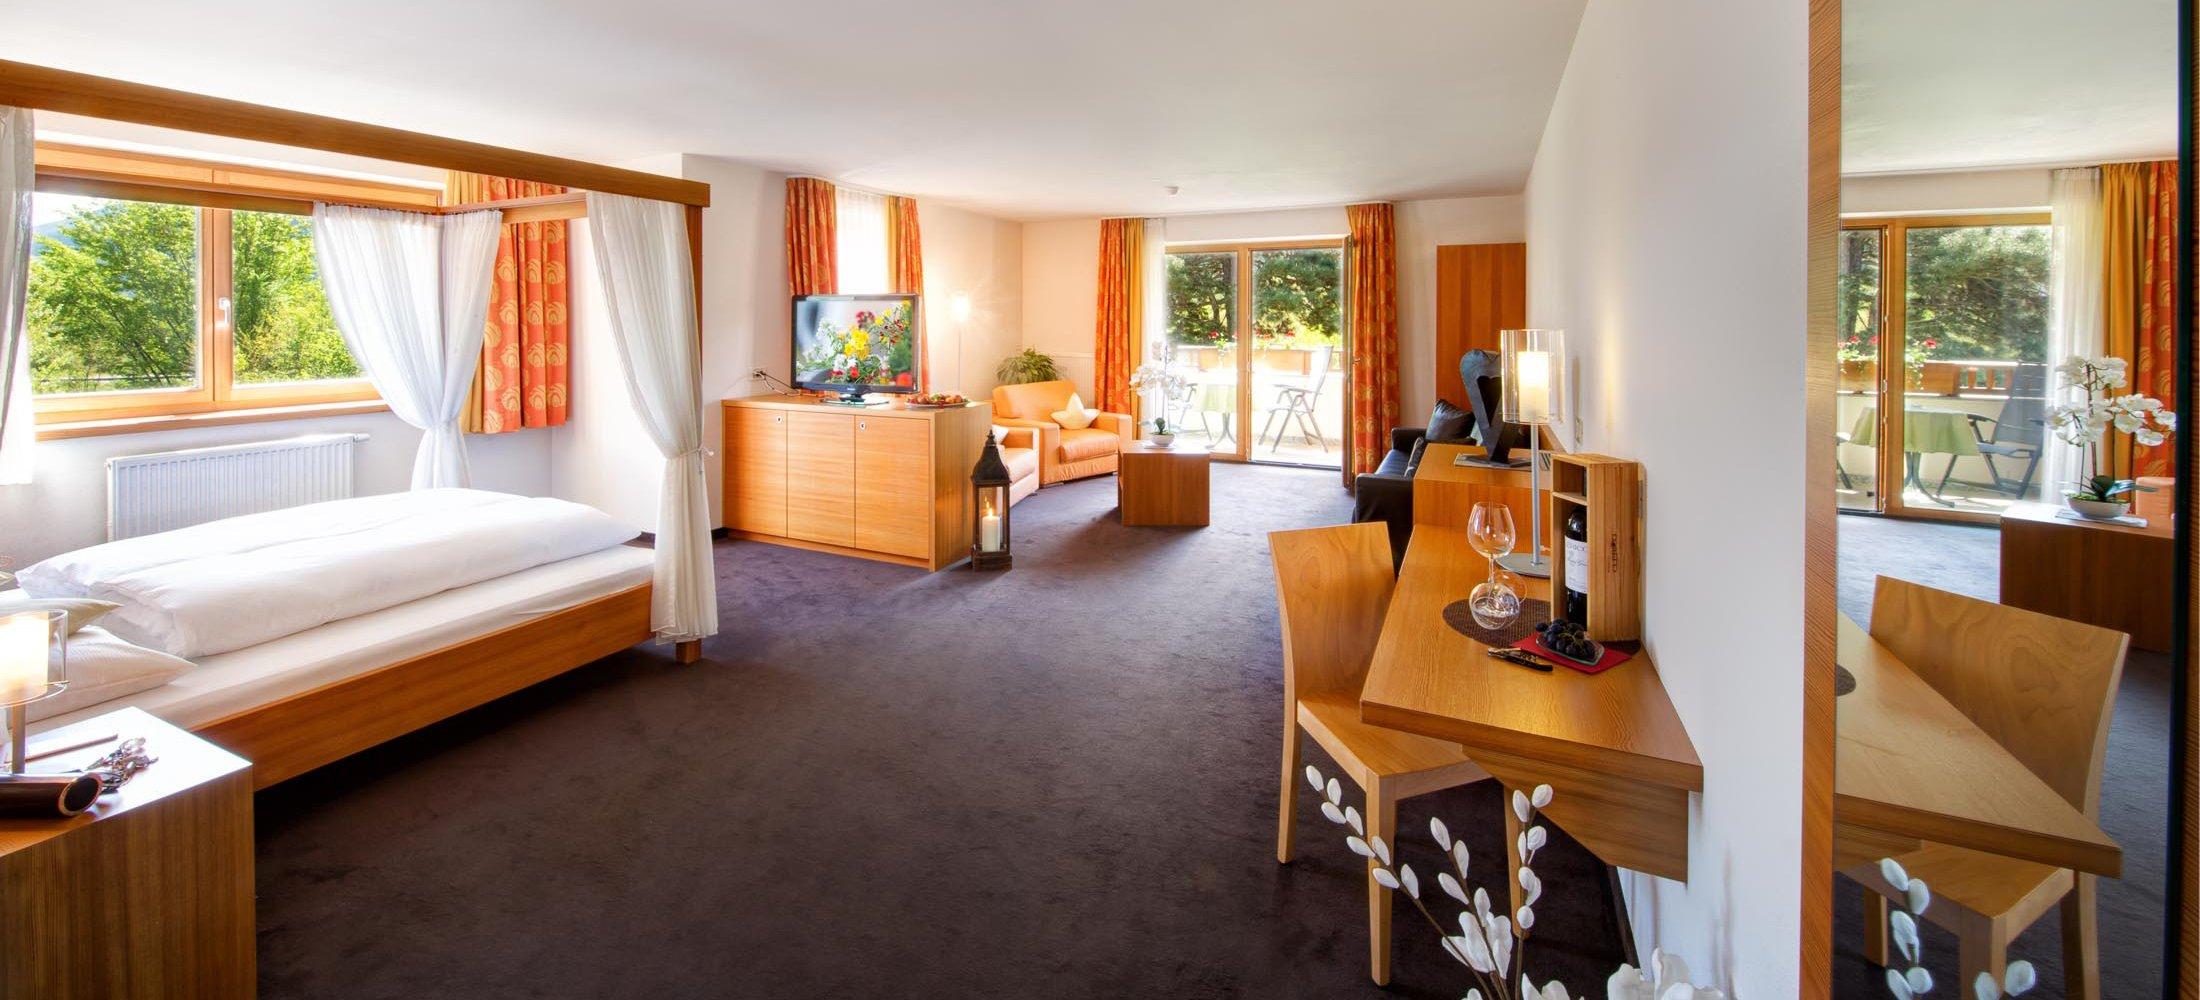 Zimmer Suiten Hotel Sudtirol 4 Sterne Zimmer Preise